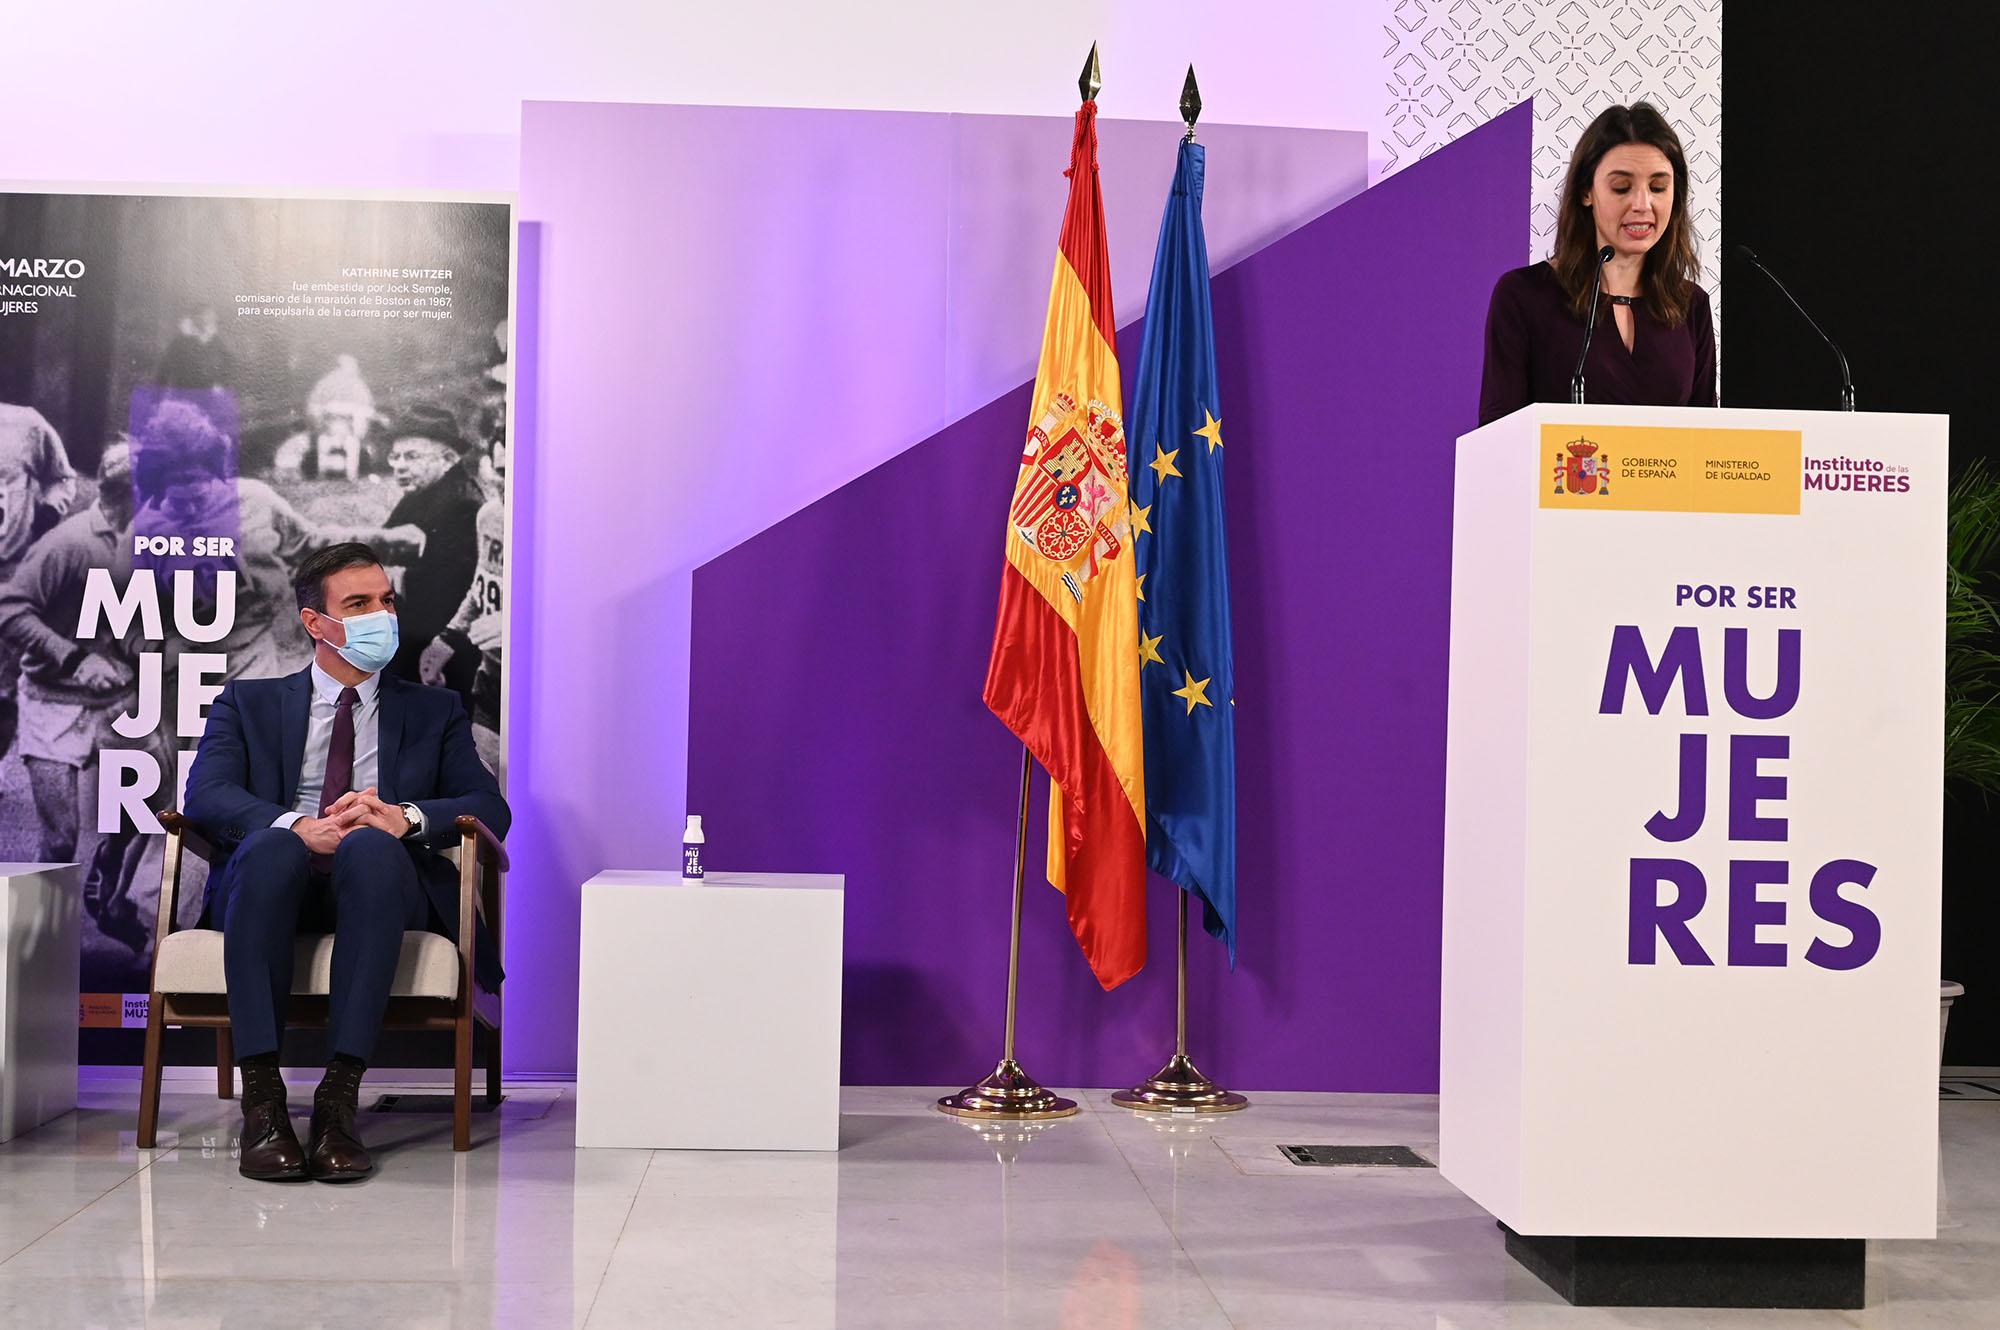 La ministra de Igualdad, Irene Montero, durante su intervención